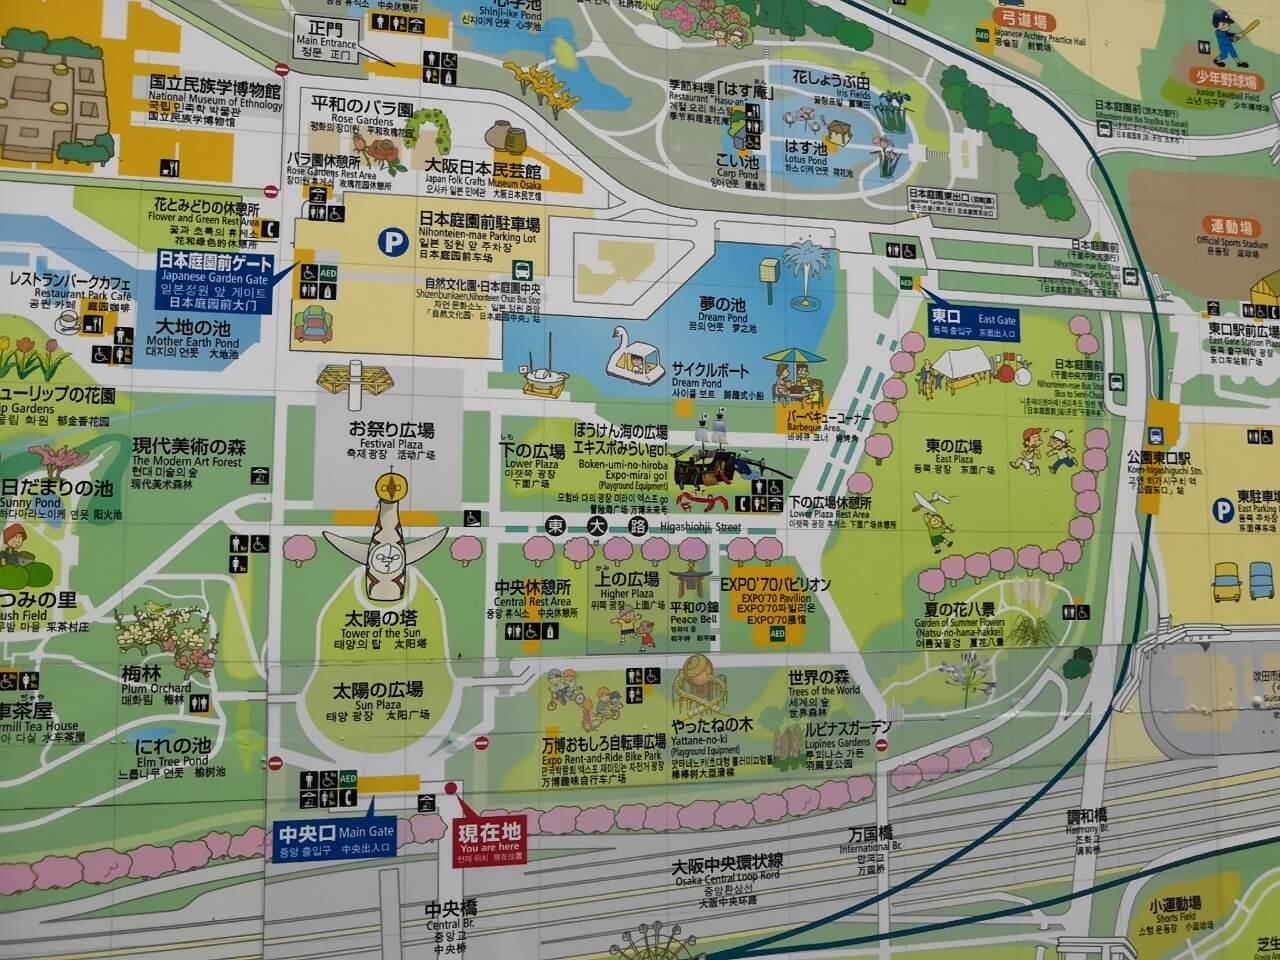 万博公園 園内マップ